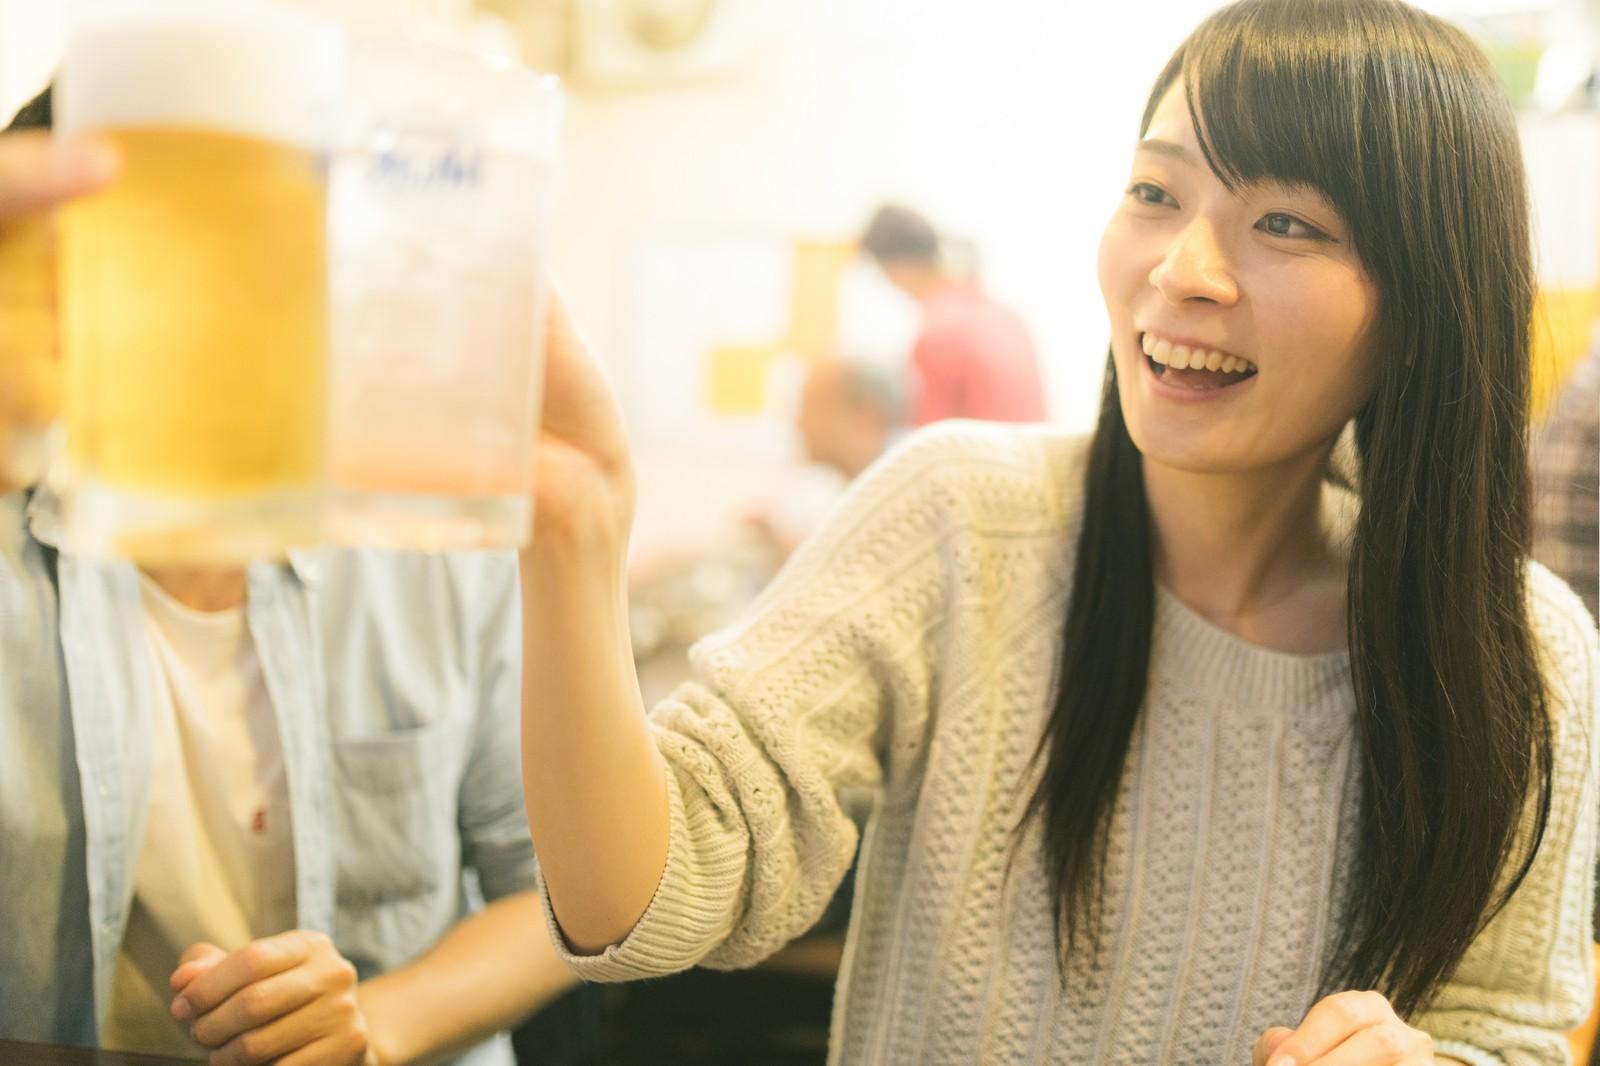 町田のビアガーデン特集2017!時間制限なしの飲み放題もあり!